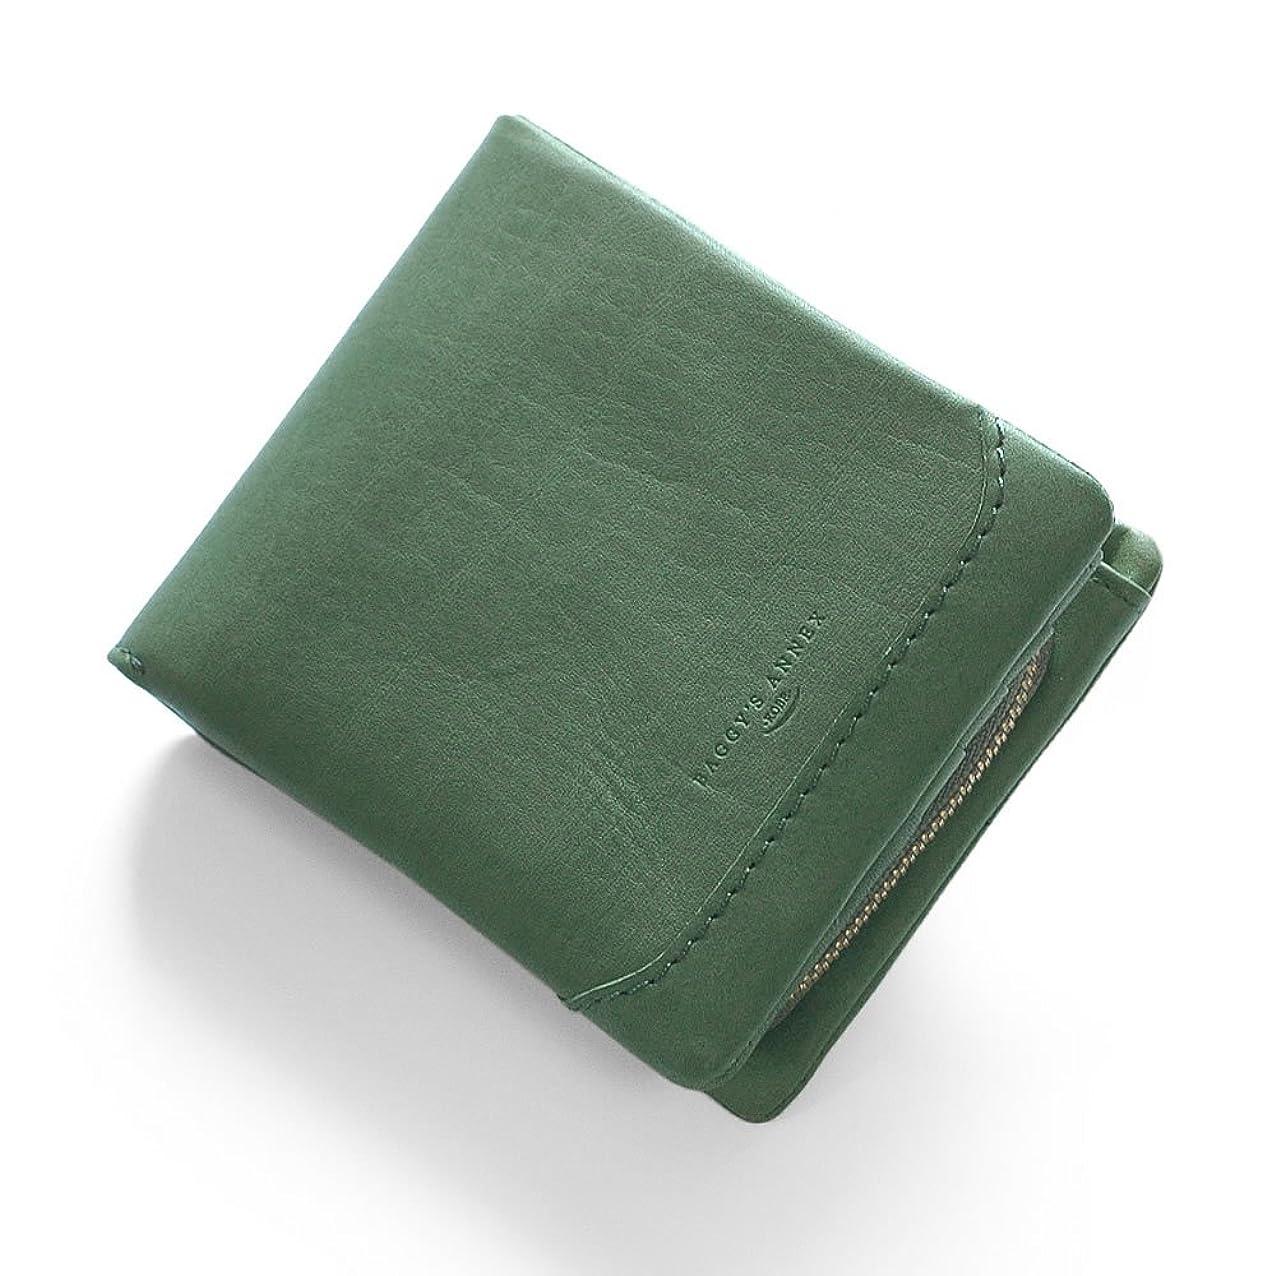 王族氷校長バギーポート BAGGY PORT 二つ折り財布 ダブルオイルシリーズ LZYS-9003 メンズ